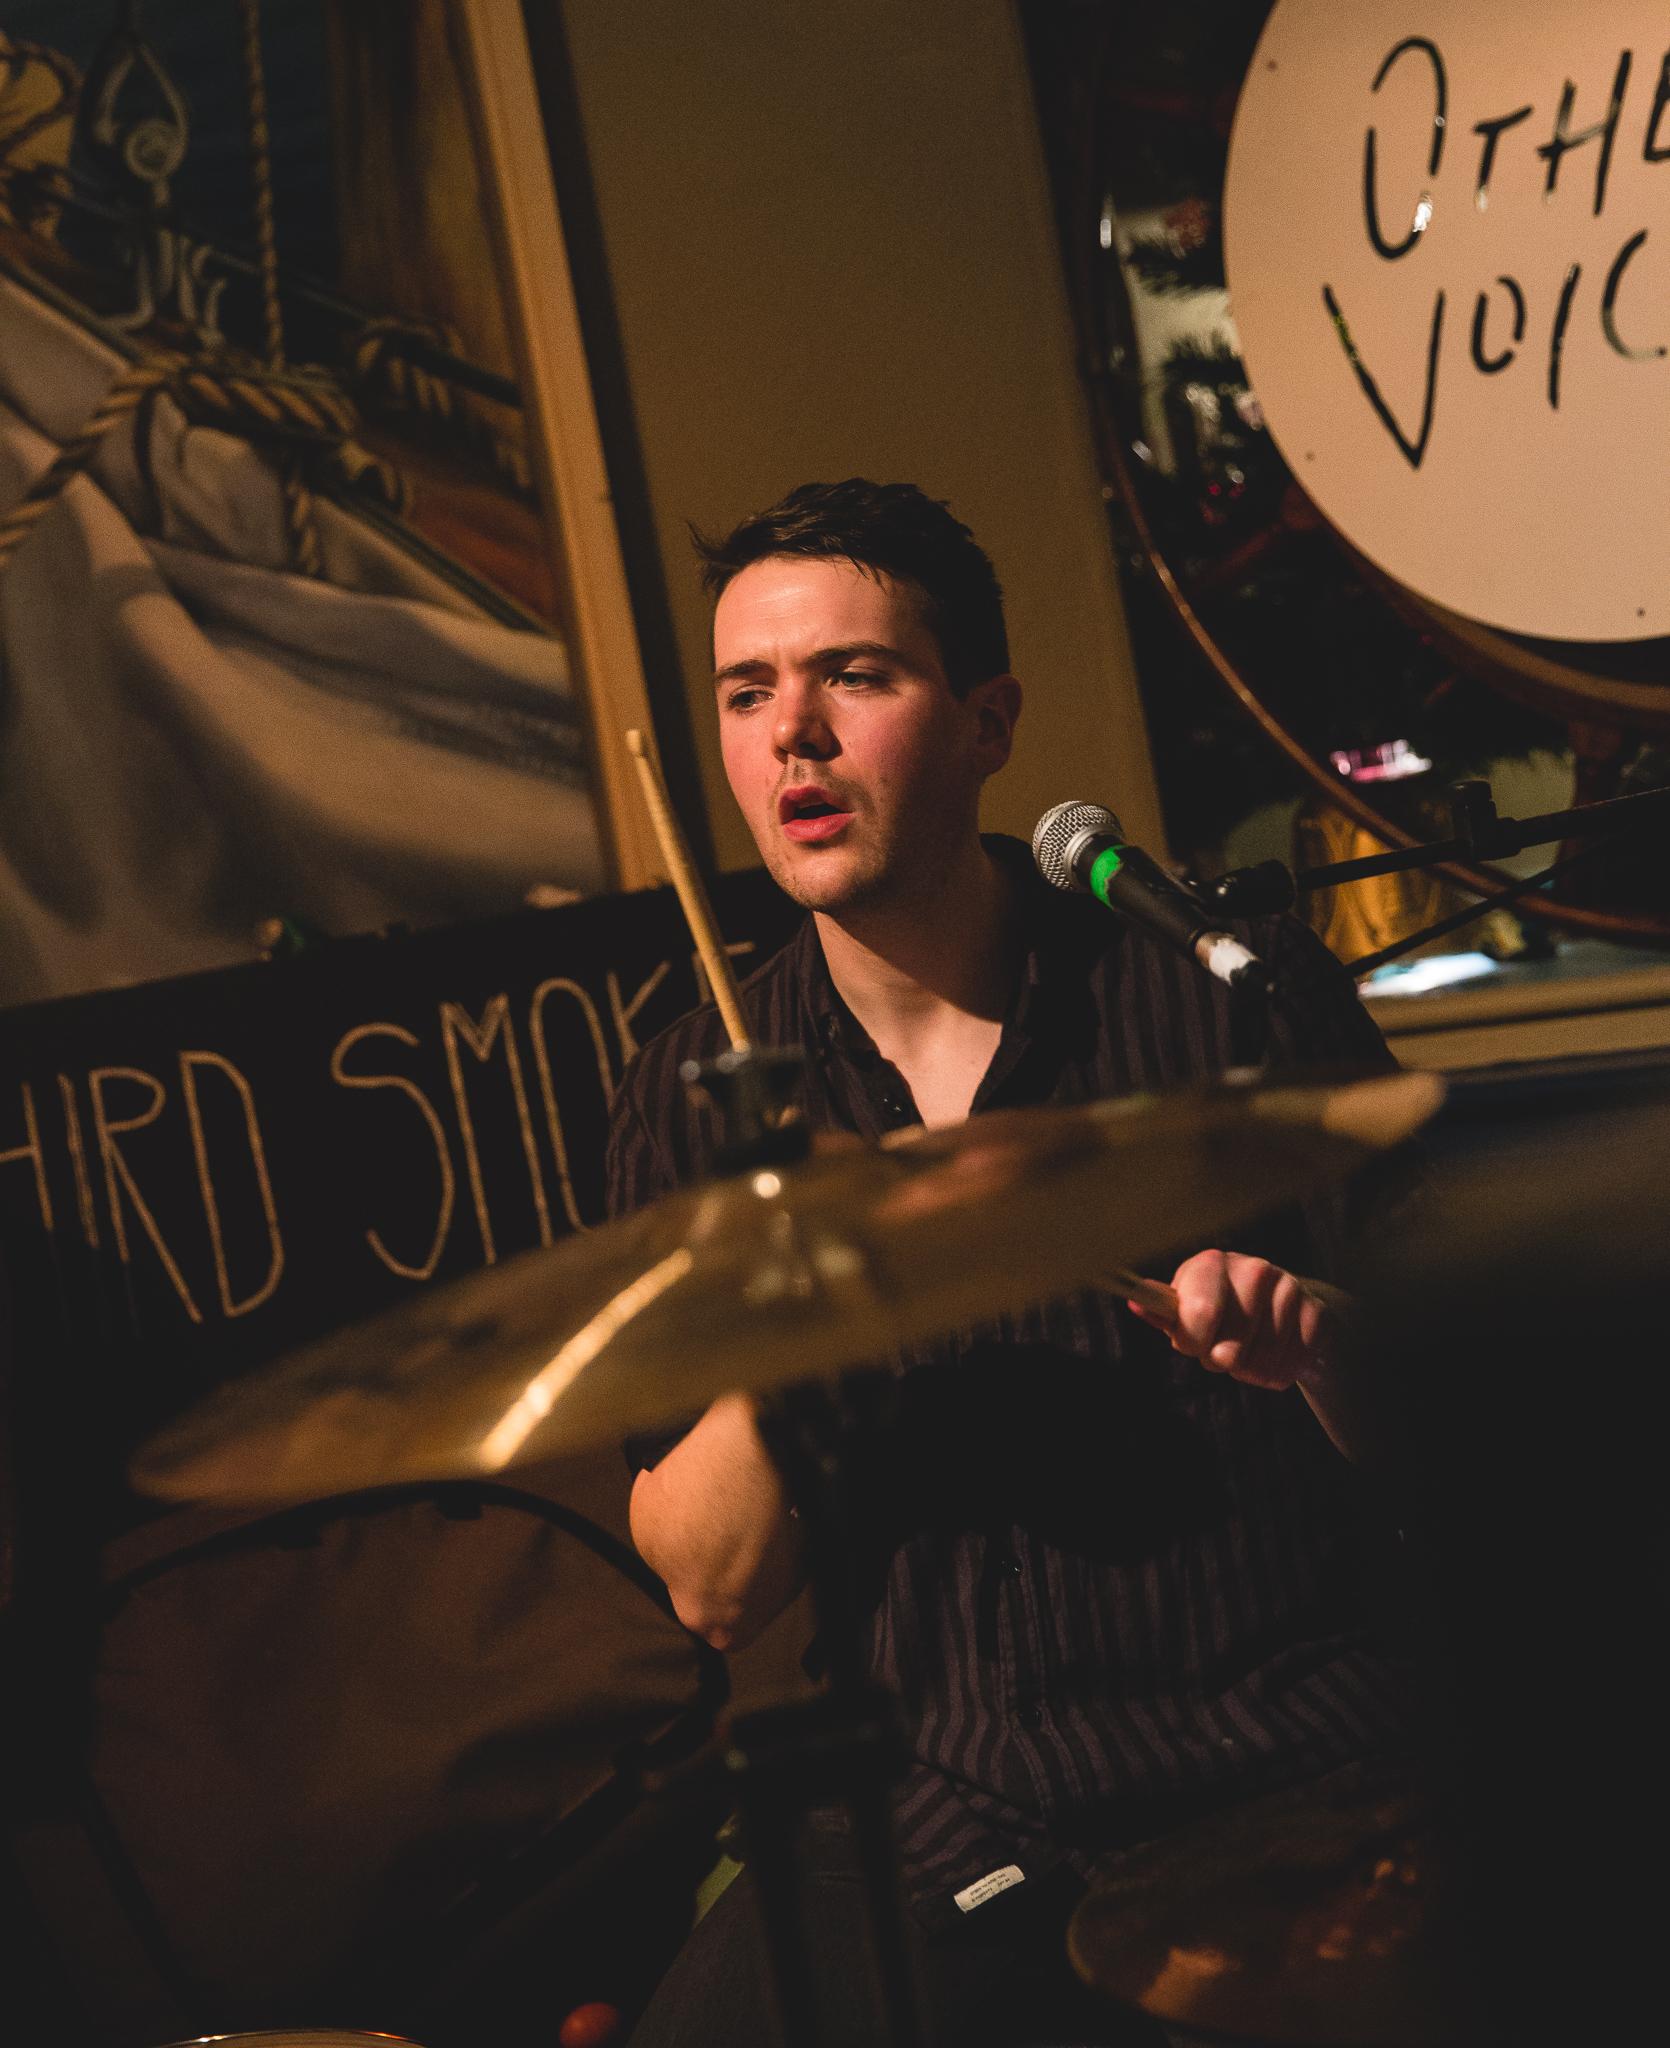 Third Smoke Dingle 2